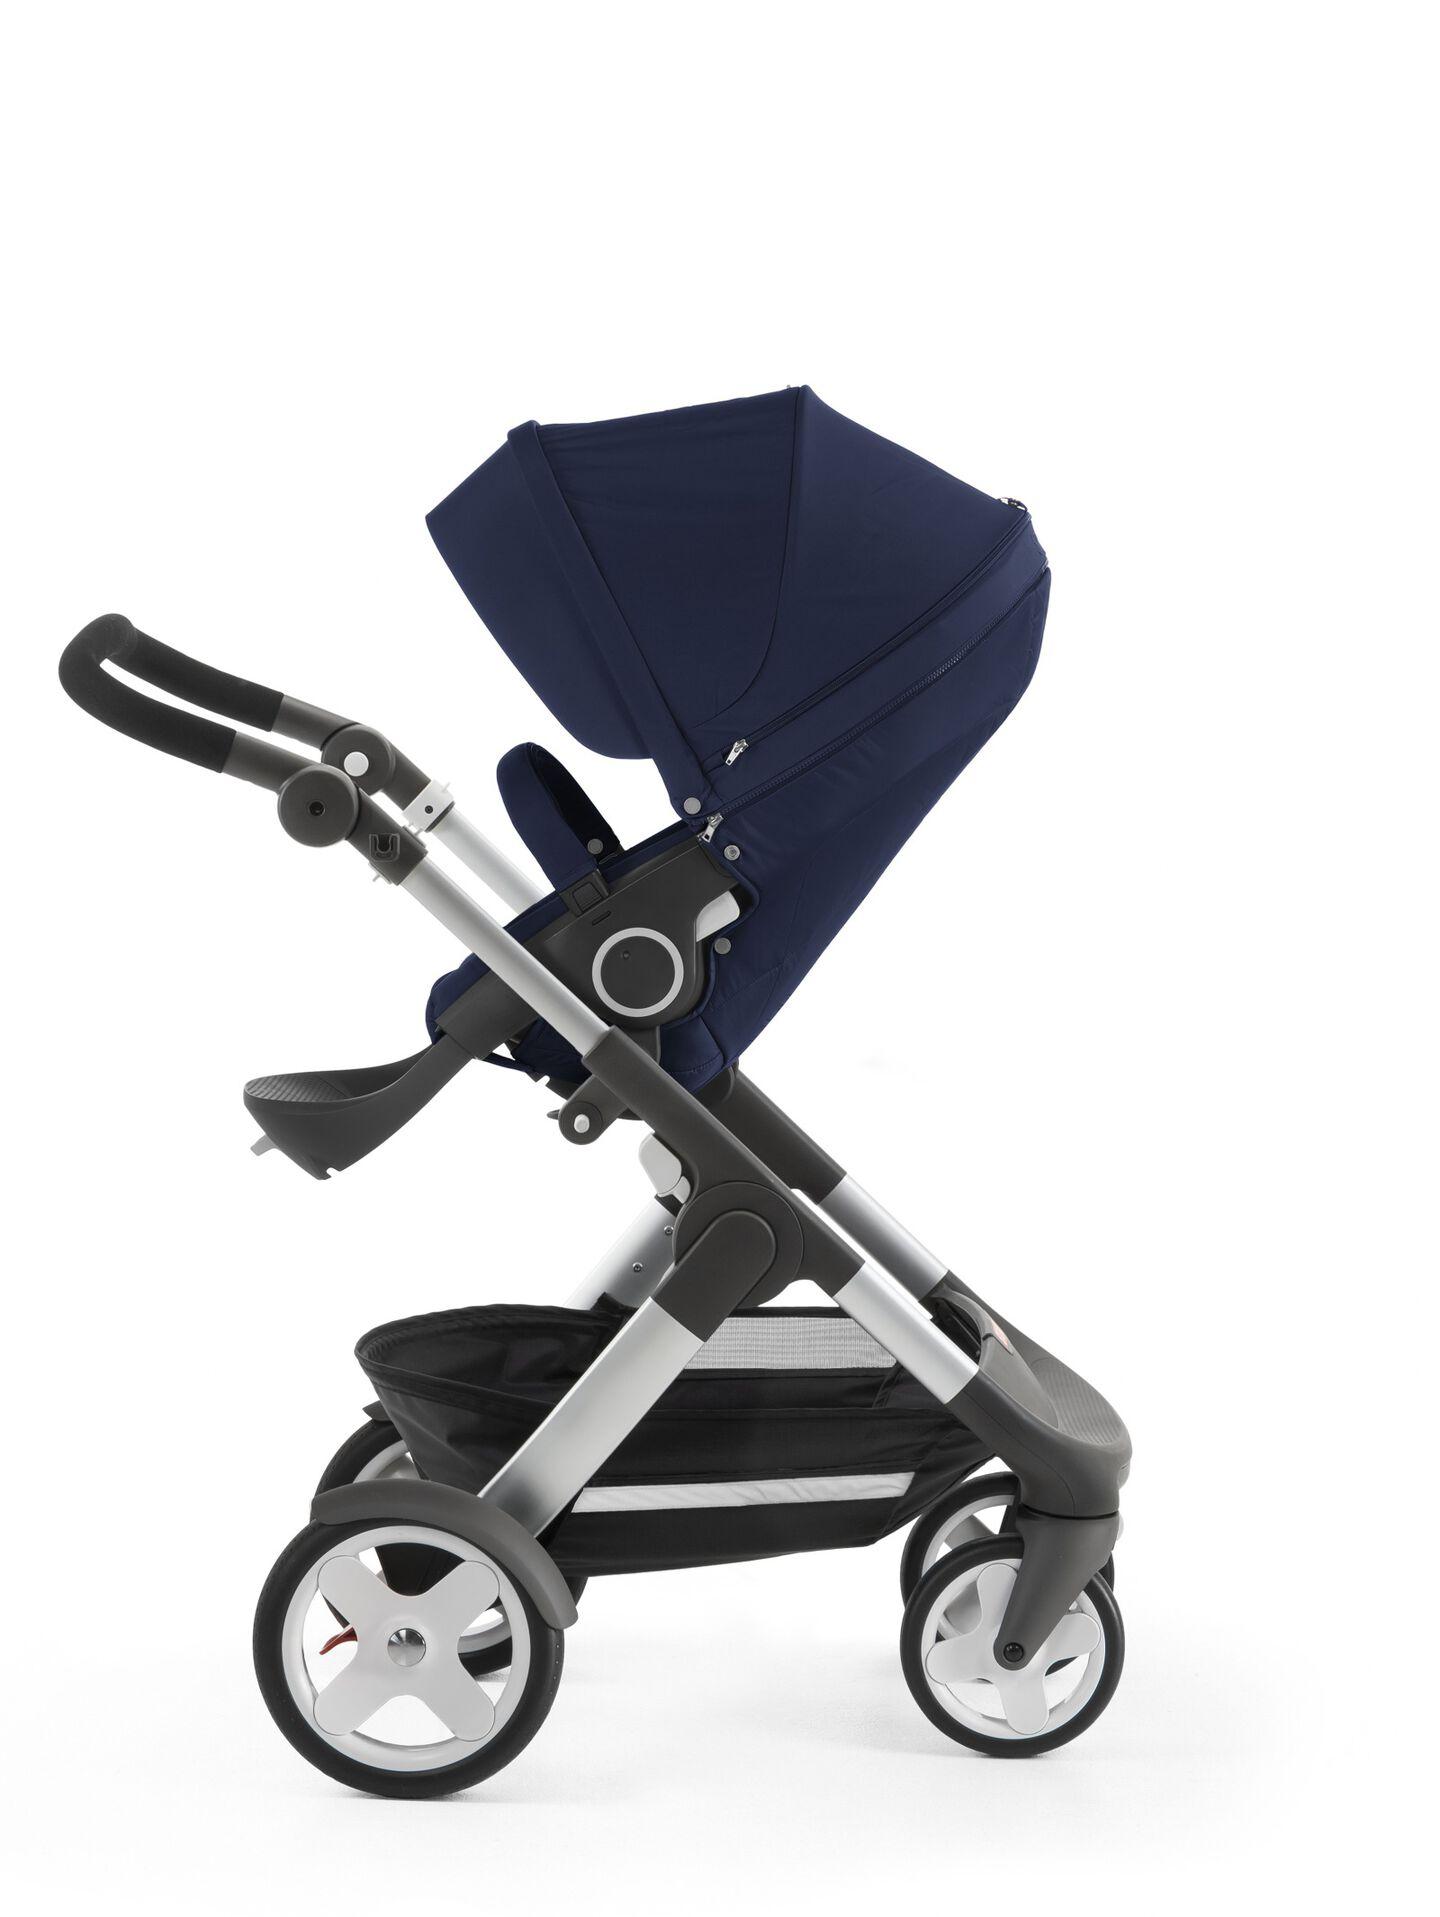 Stokke® Trailz™ with Stokke® Stroller Seat, Deep Blue. Classic Wheels.